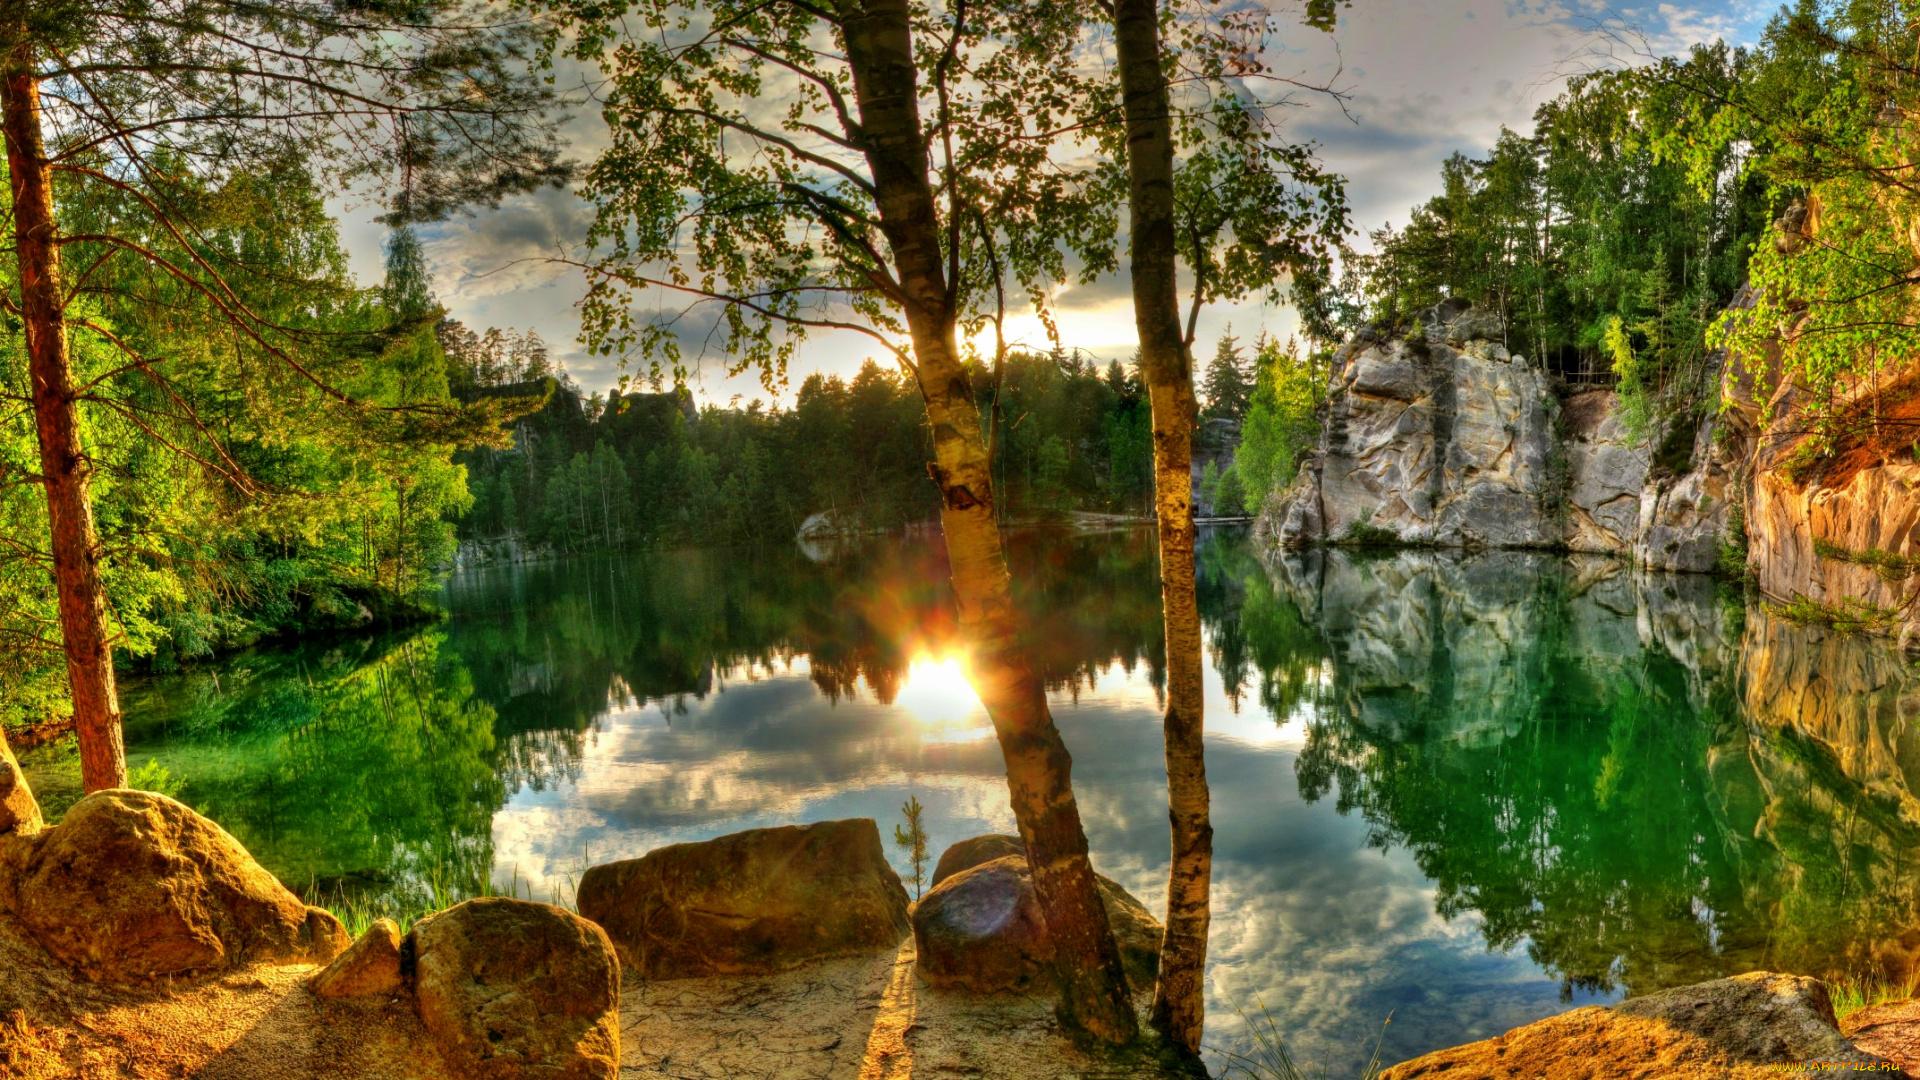 природа скалы деревья озеро на телефон